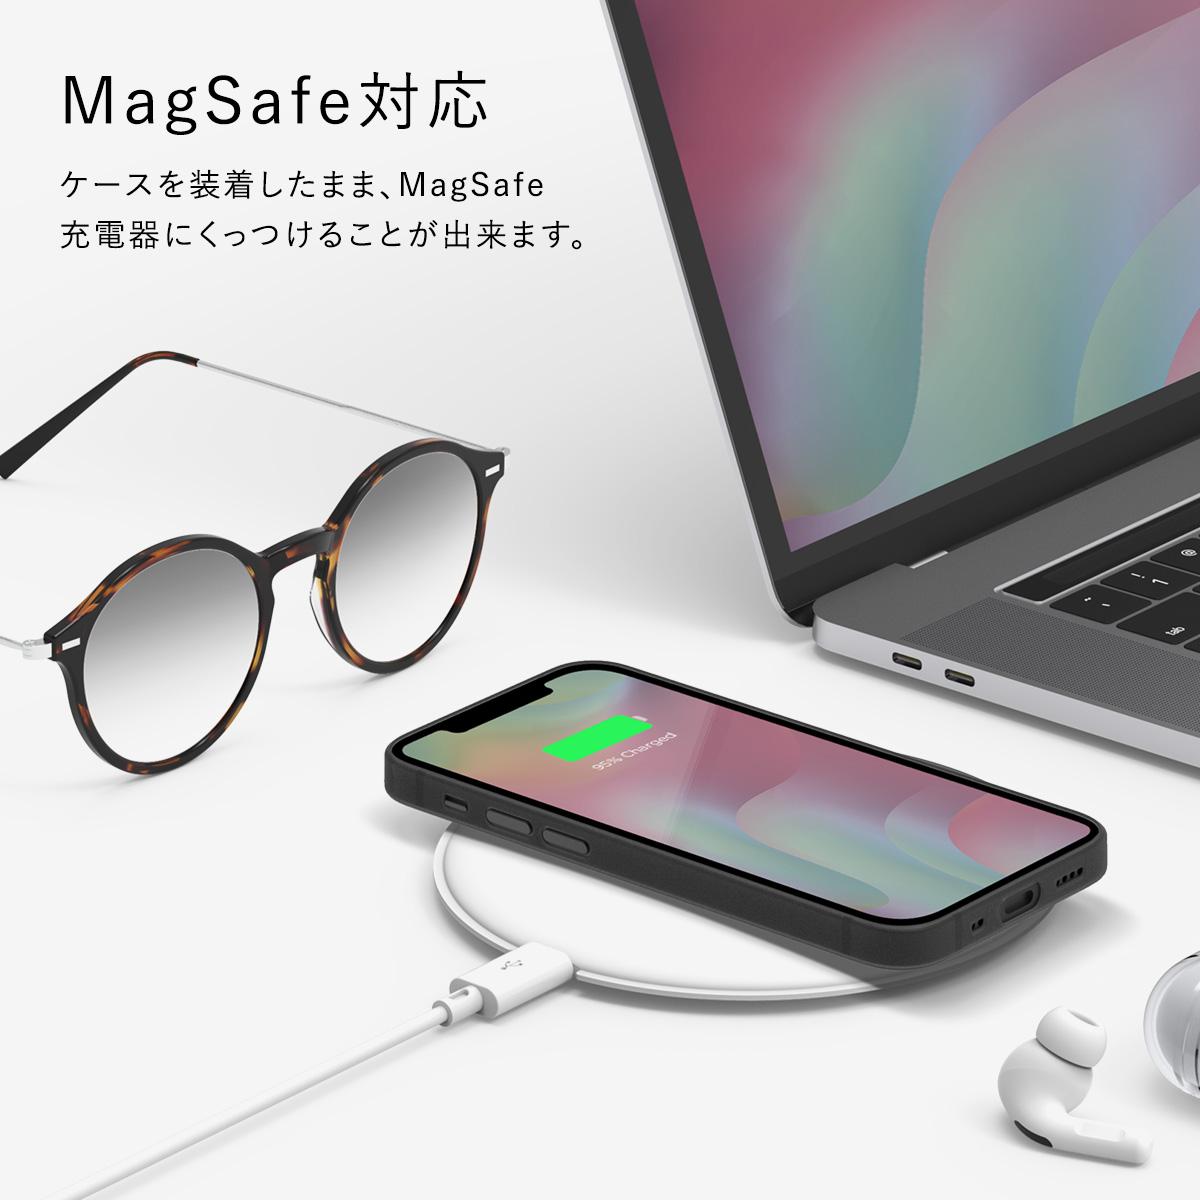 elago INNER CORE 2018 for iPhone12 Pro / iPhone12